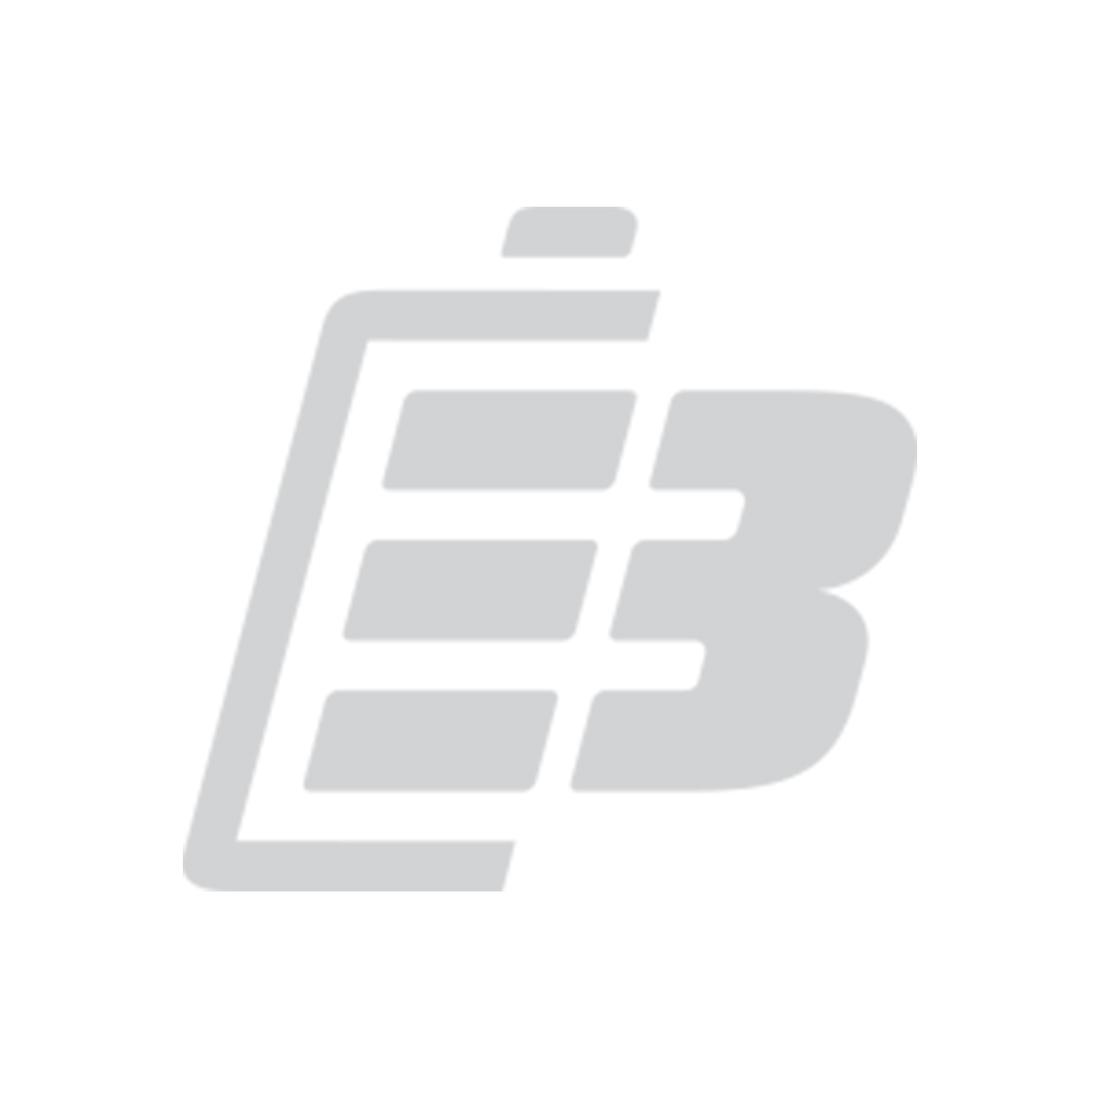 Μπαταρία Netbook Acer Aspire One 751h Μαύρη_1